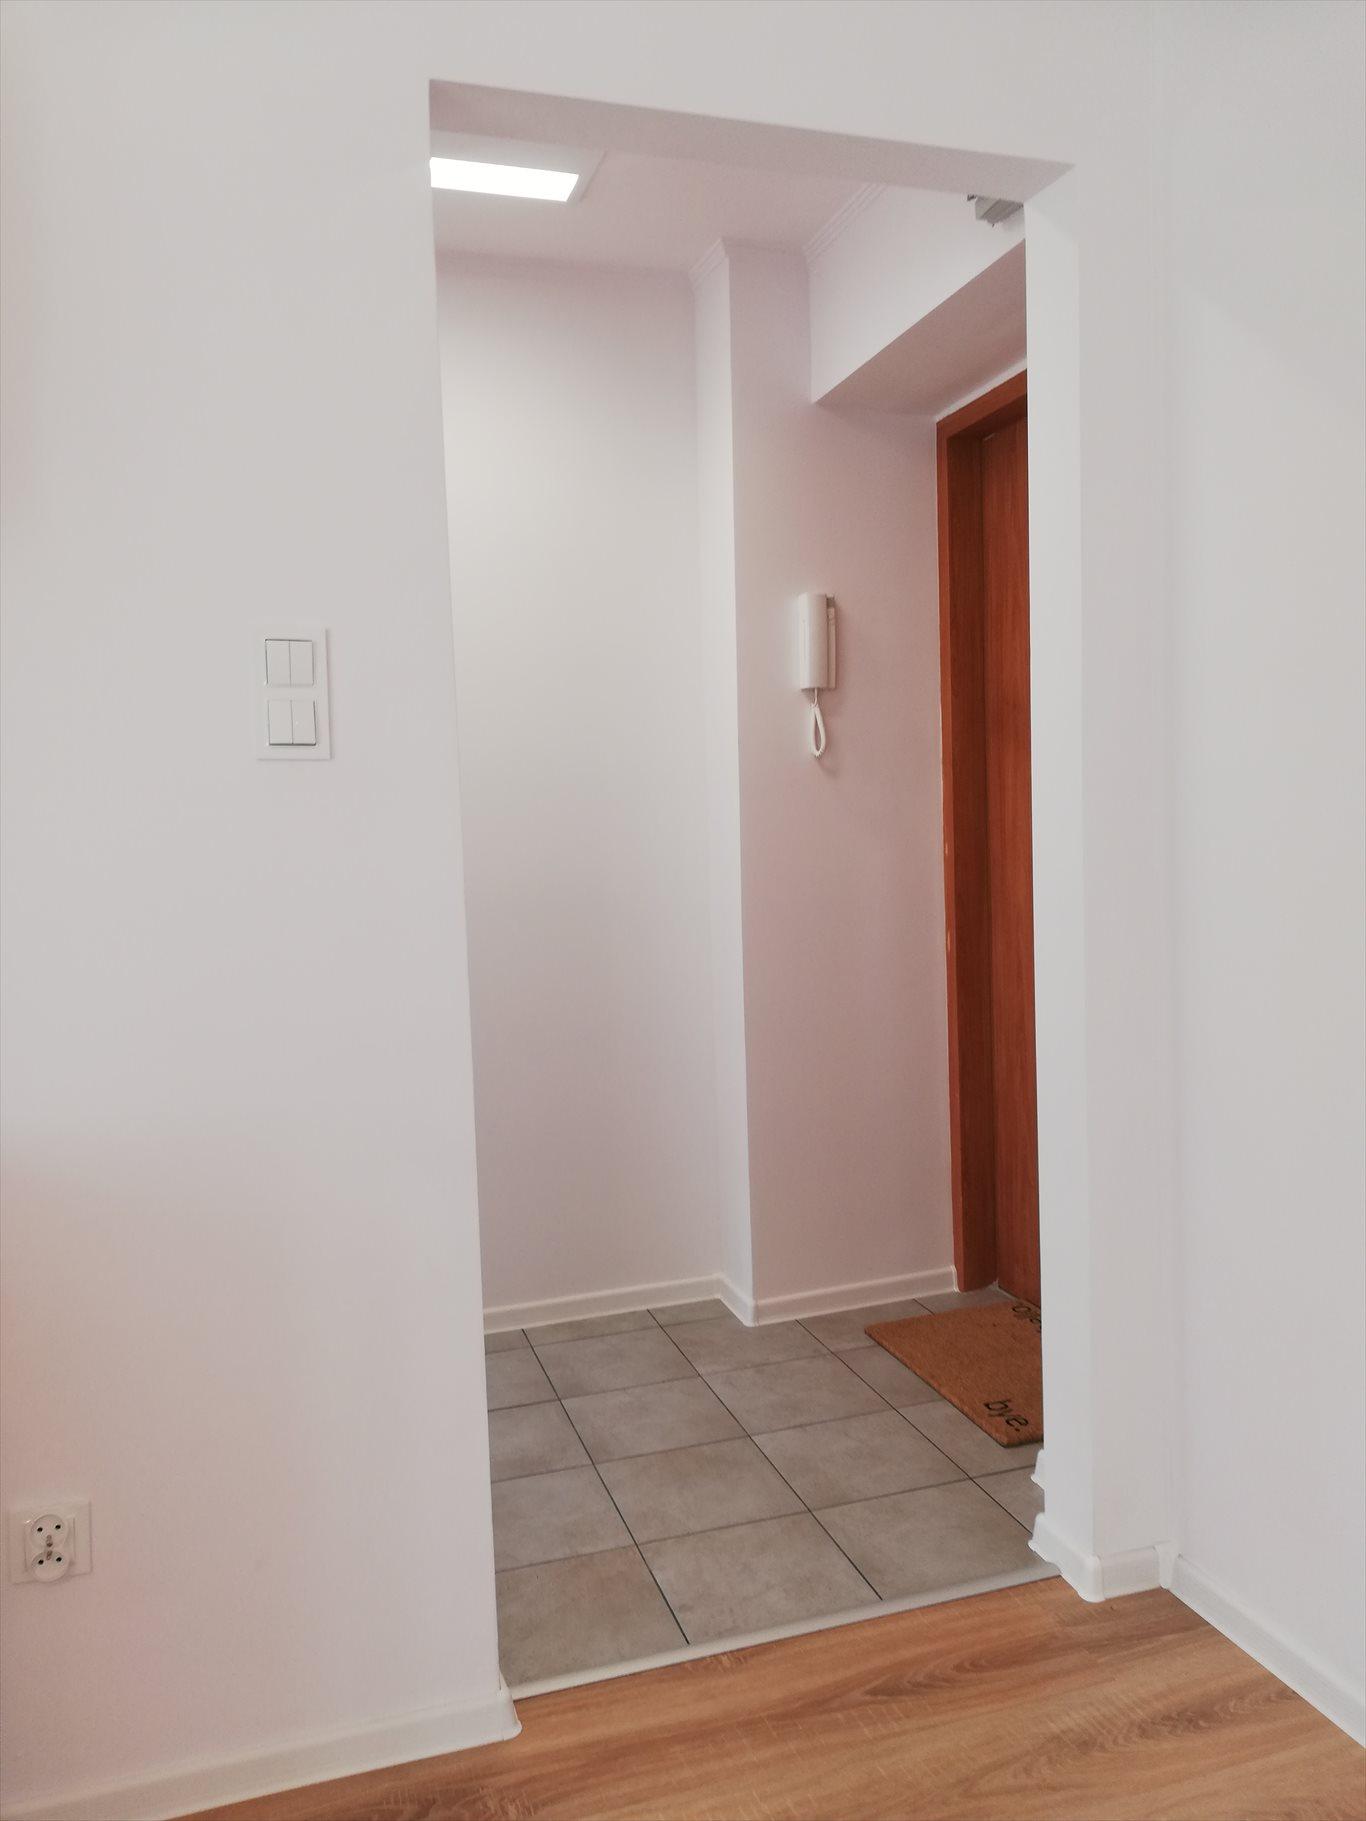 Mieszkanie dwupokojowe na sprzedaż Kielce, Czarnów-Osiedle, Urzędnicza 18  36m2 Foto 13